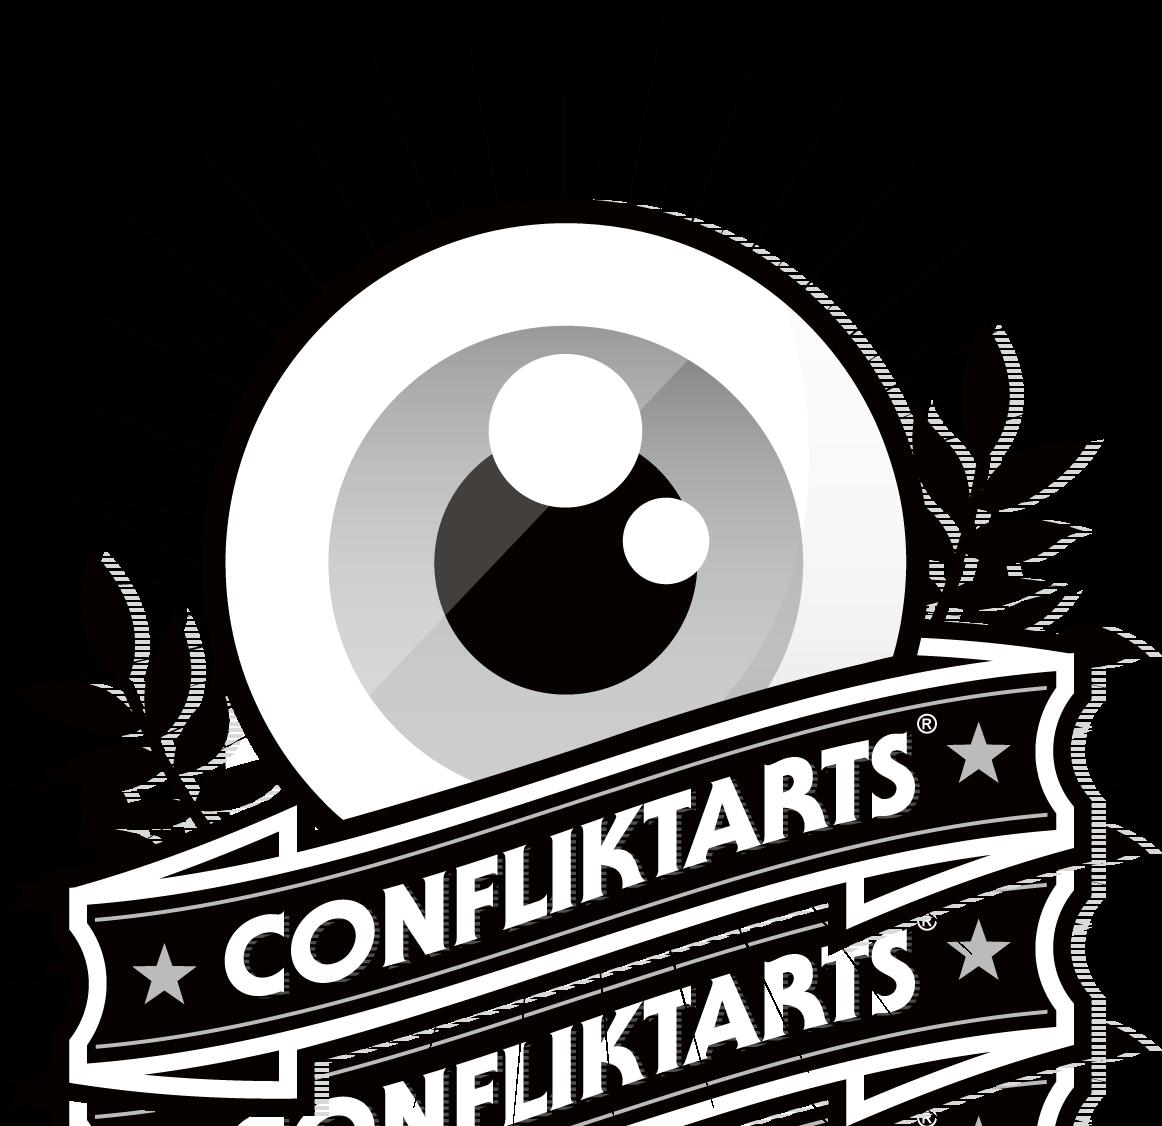 logo_confliktarts_N&B.png